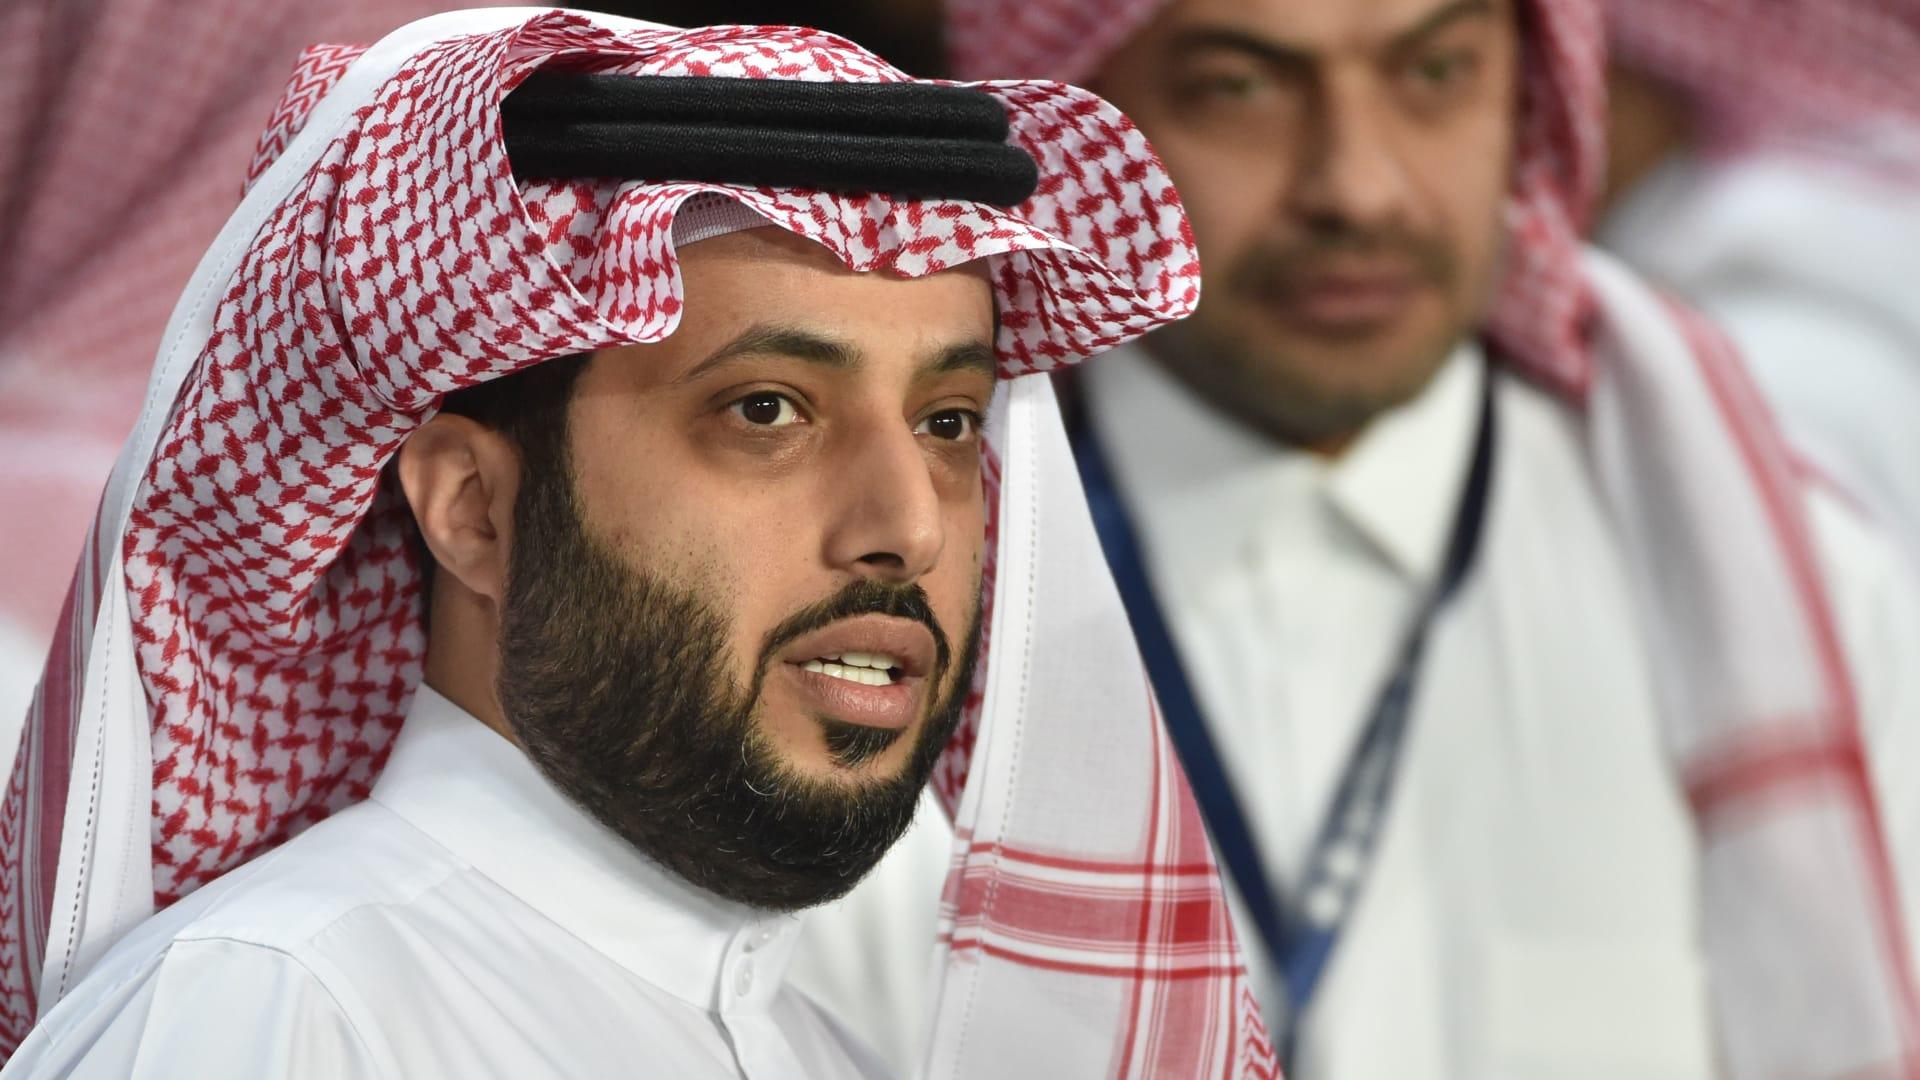 """تركي آل الشيخ يلعن اعتزاله الشعر.. ومغردون يعلقون على القرار: """"حالة مزاجية"""""""